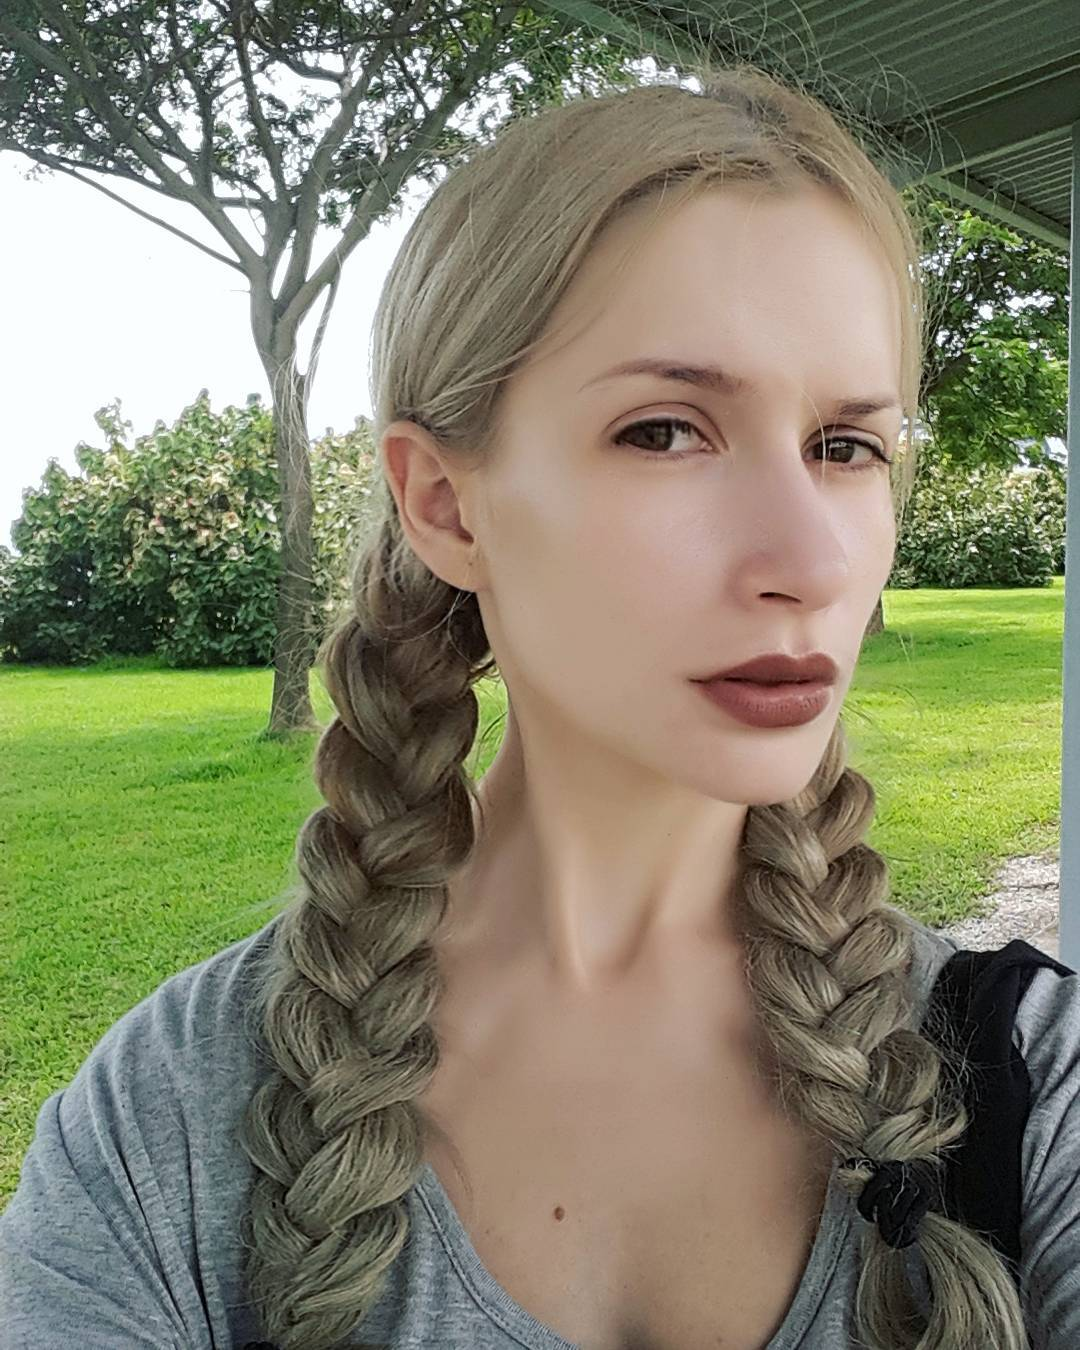 Не хотела трахаться русская девочка на камеру порно онлайн фото 410-775